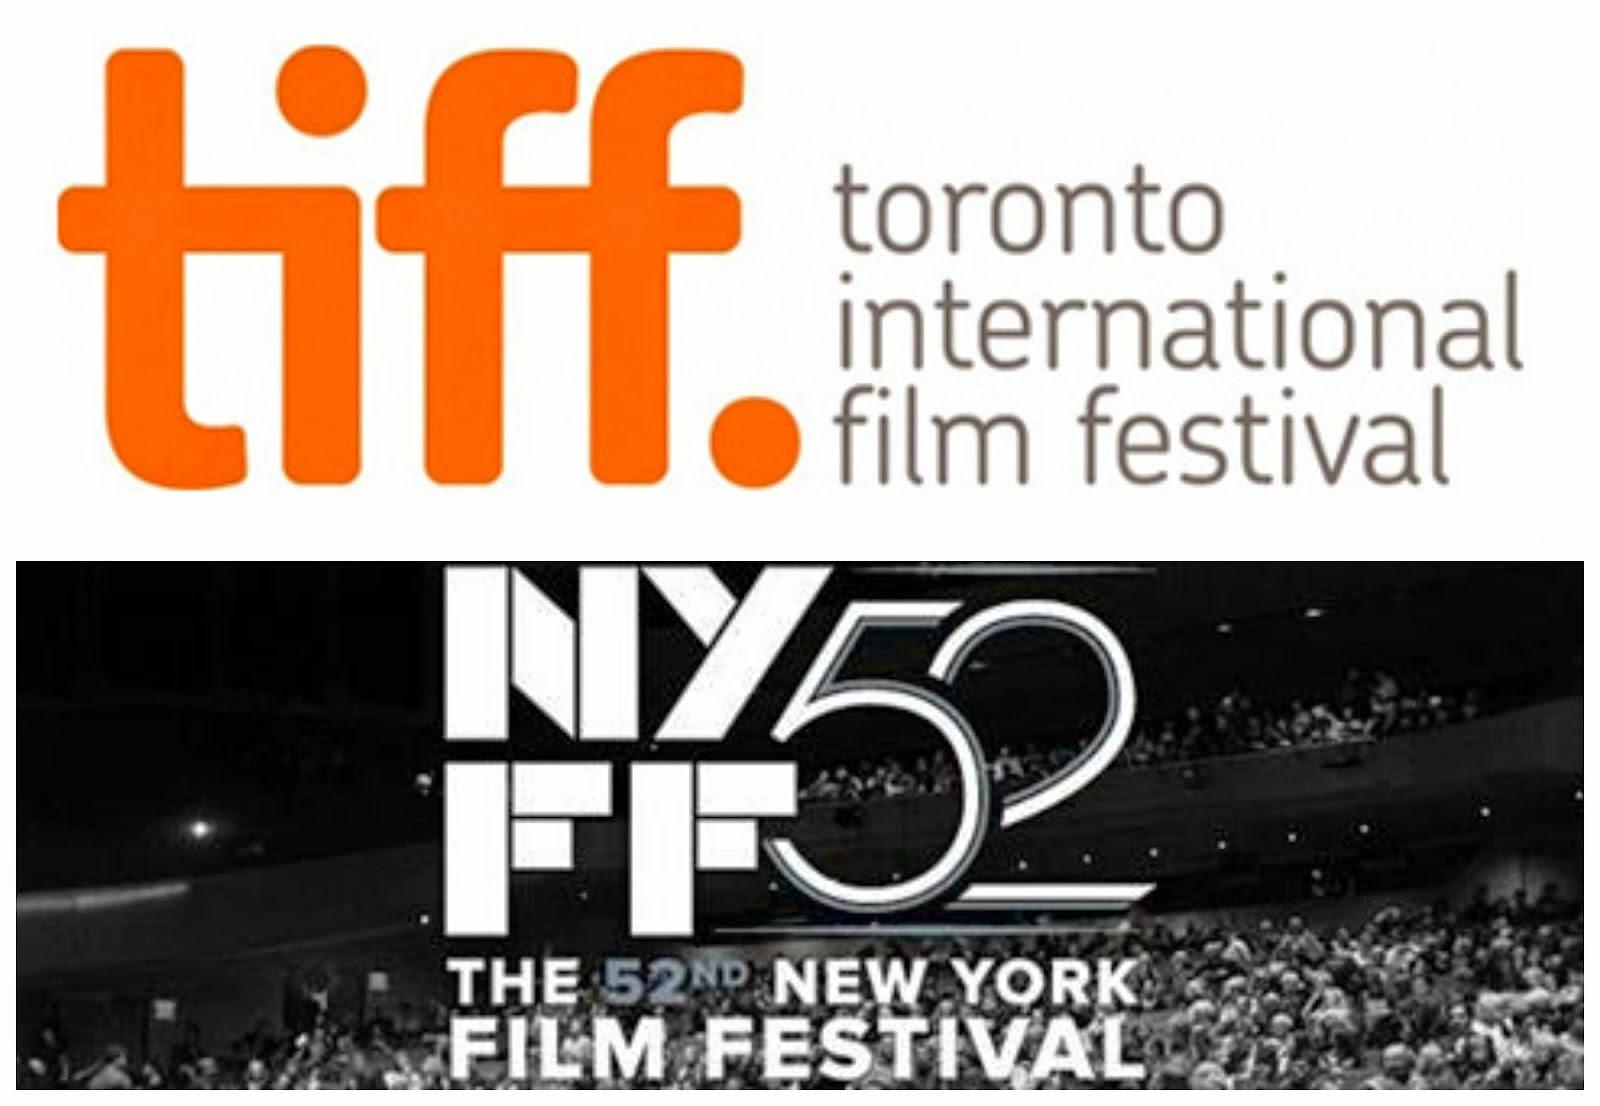 Click Image for Festival Details